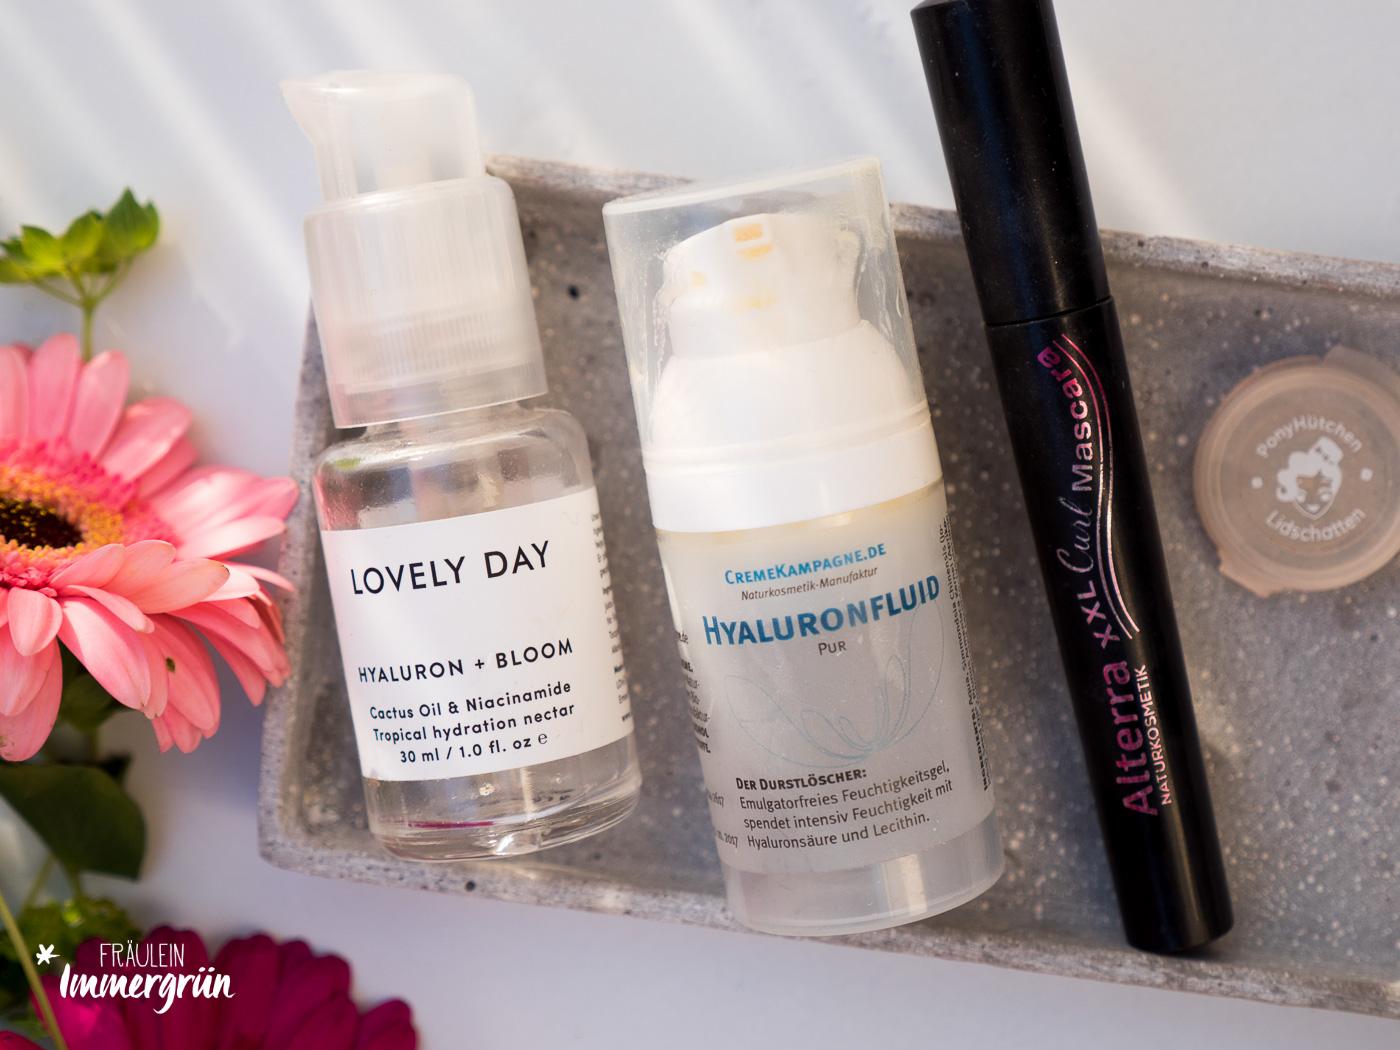 Naturkosmetik: Mit milder und reizfreier Gesichtspflege, wie Lovely Days Serum, Reinigungsgel und Toner, sowie Makeup, aber auch Duschgel.